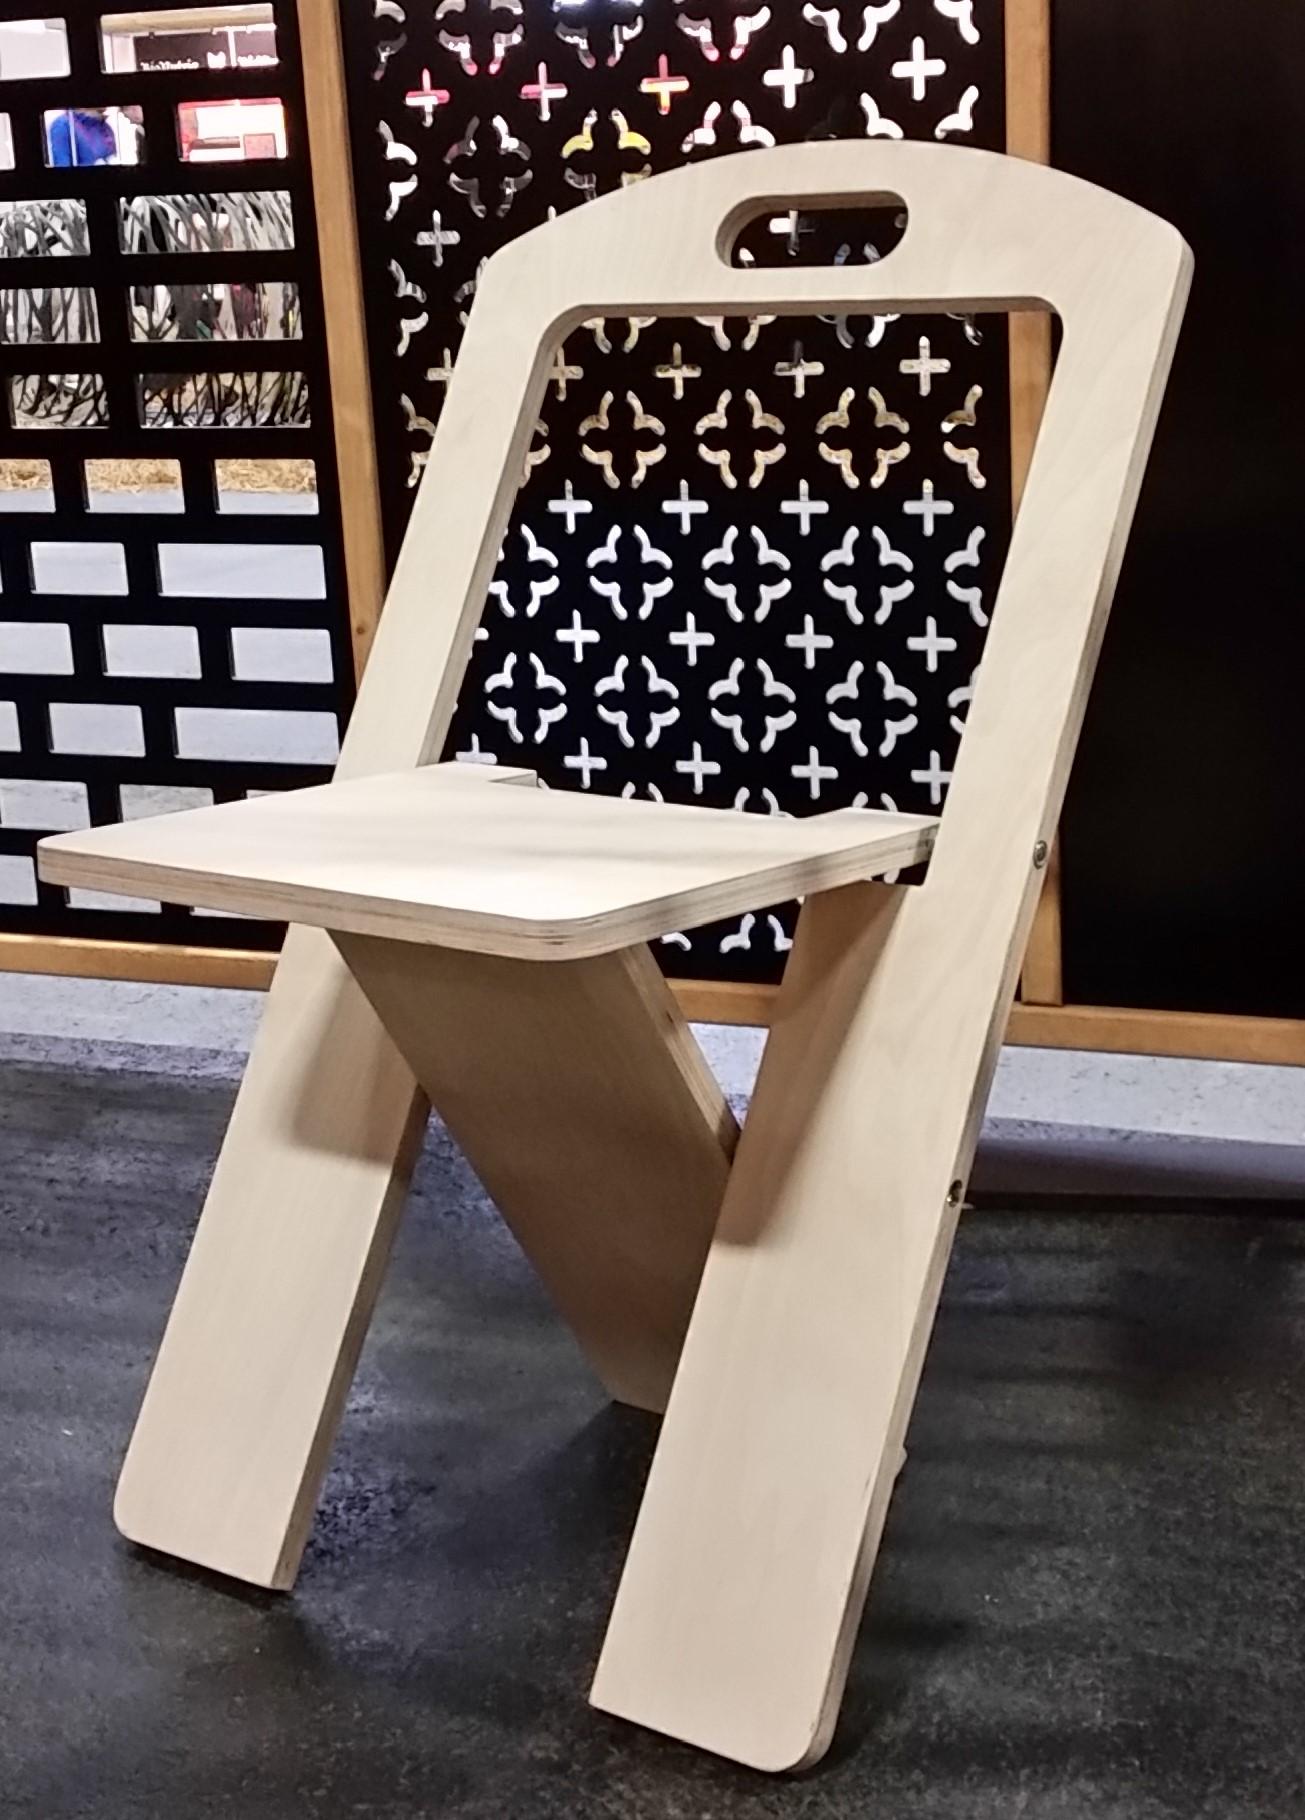 Кресло складное туристическое из древесины своими руками